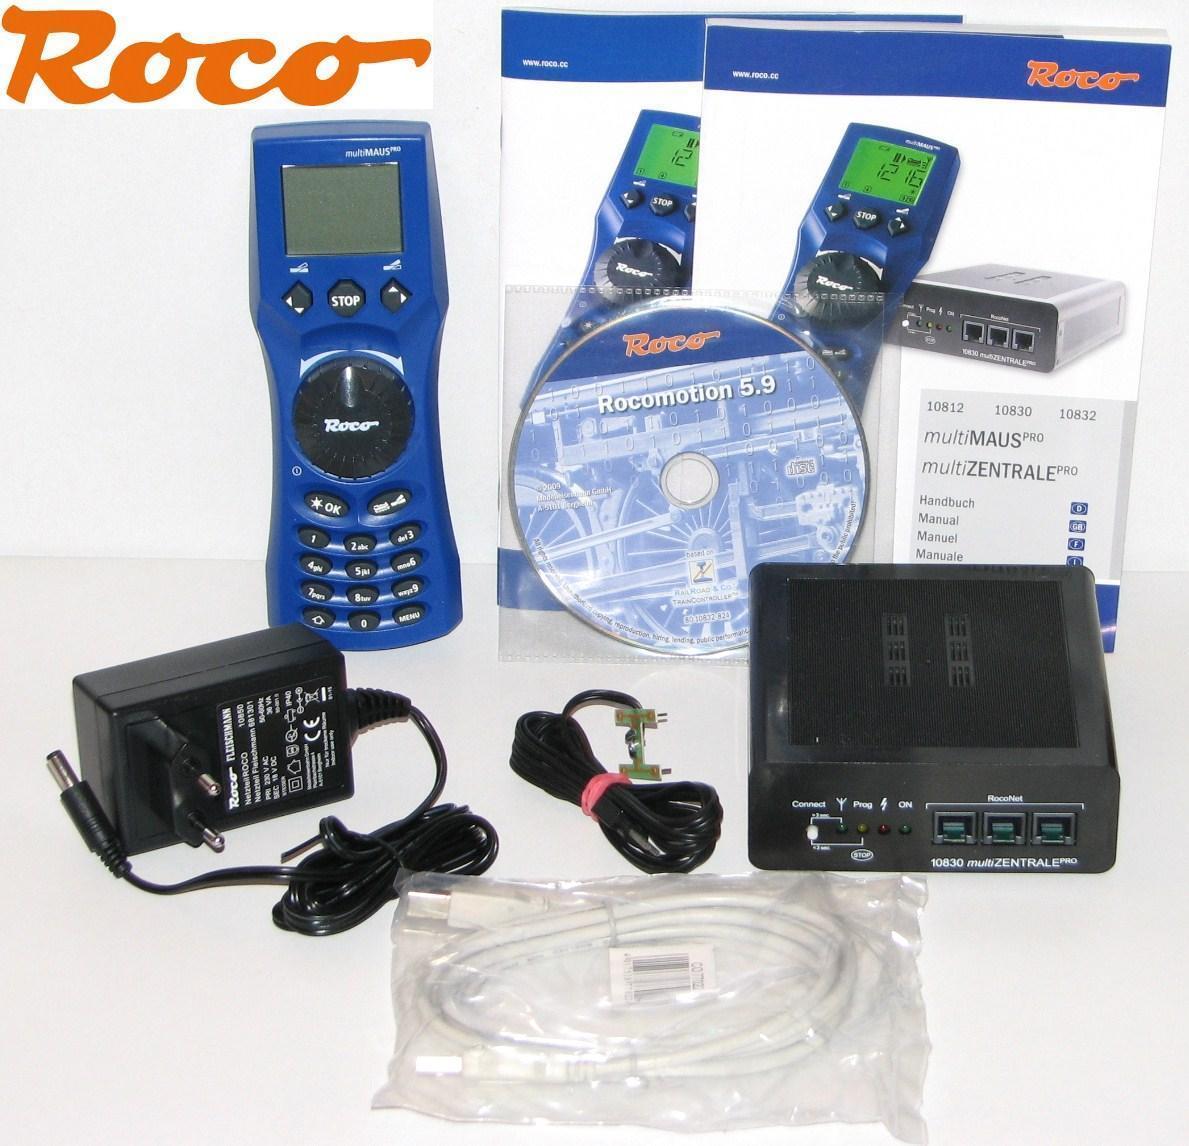 Roco 10832 Ratón Multi Juego pro con 36VA de Fuente  Digital Control Remoto  -